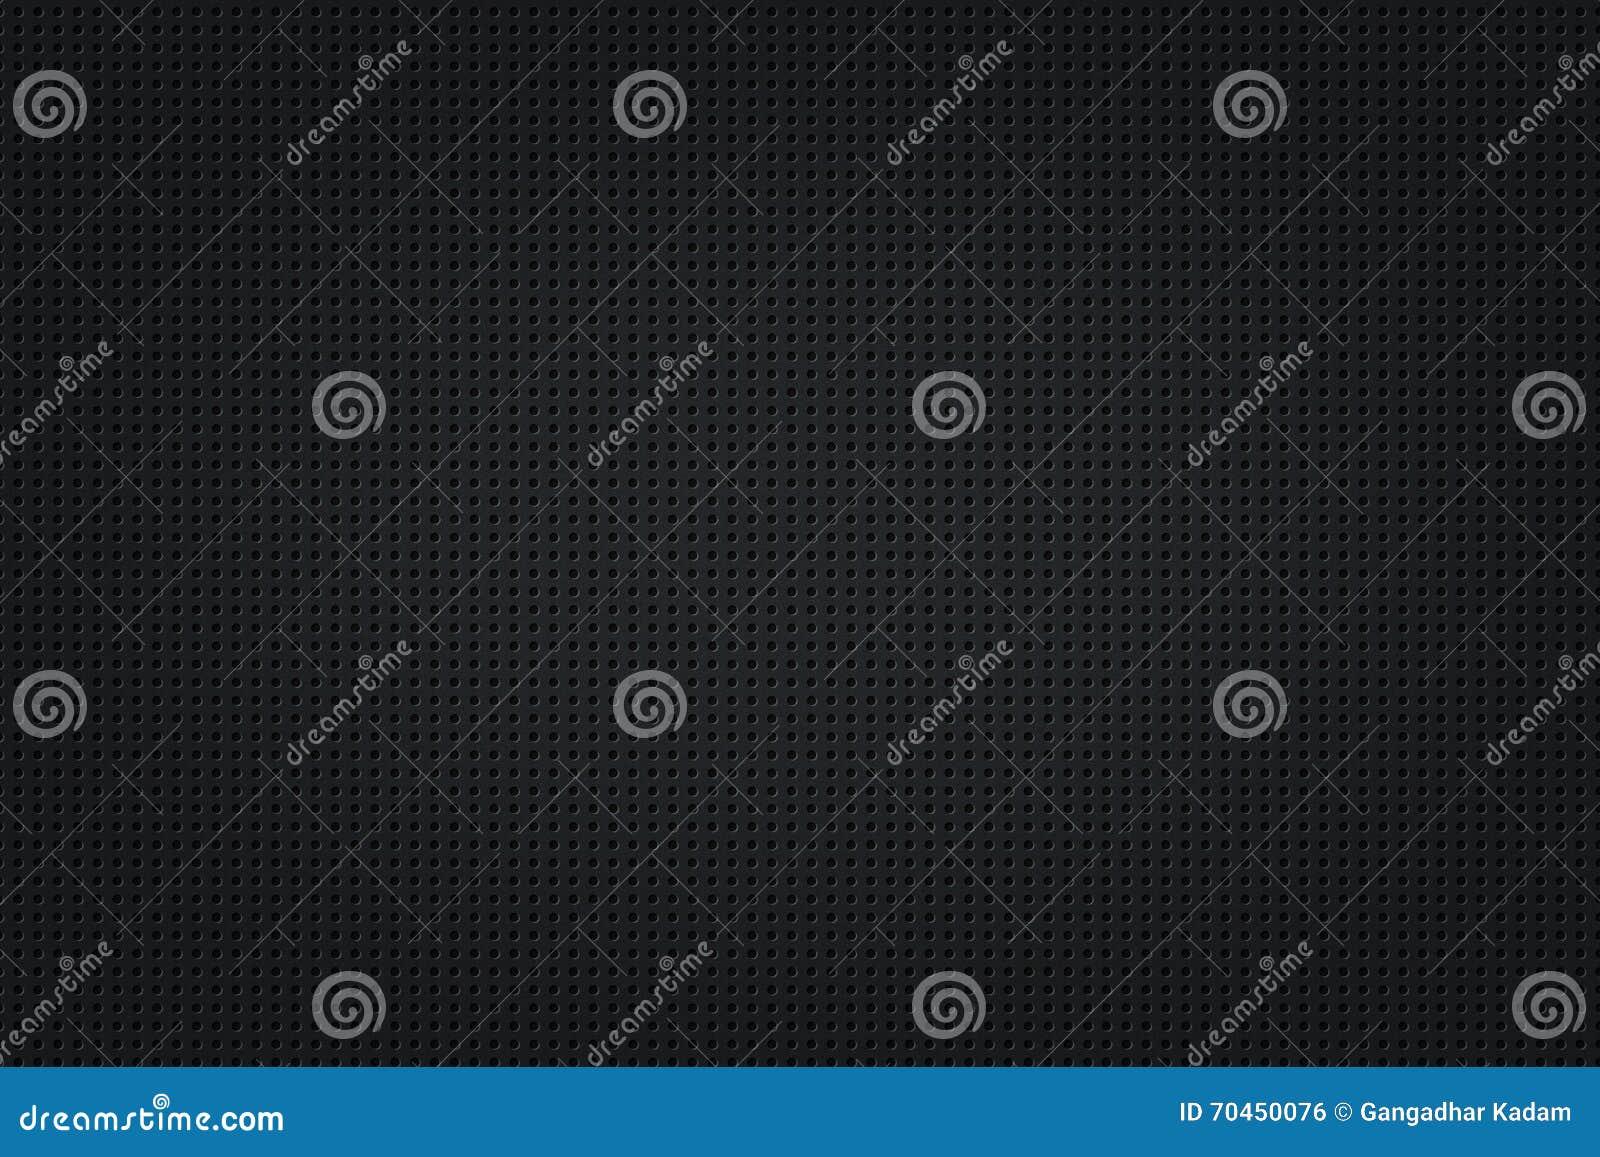 Minimale dunkle Muster-Design-Hintergrund-Beschaffenheit